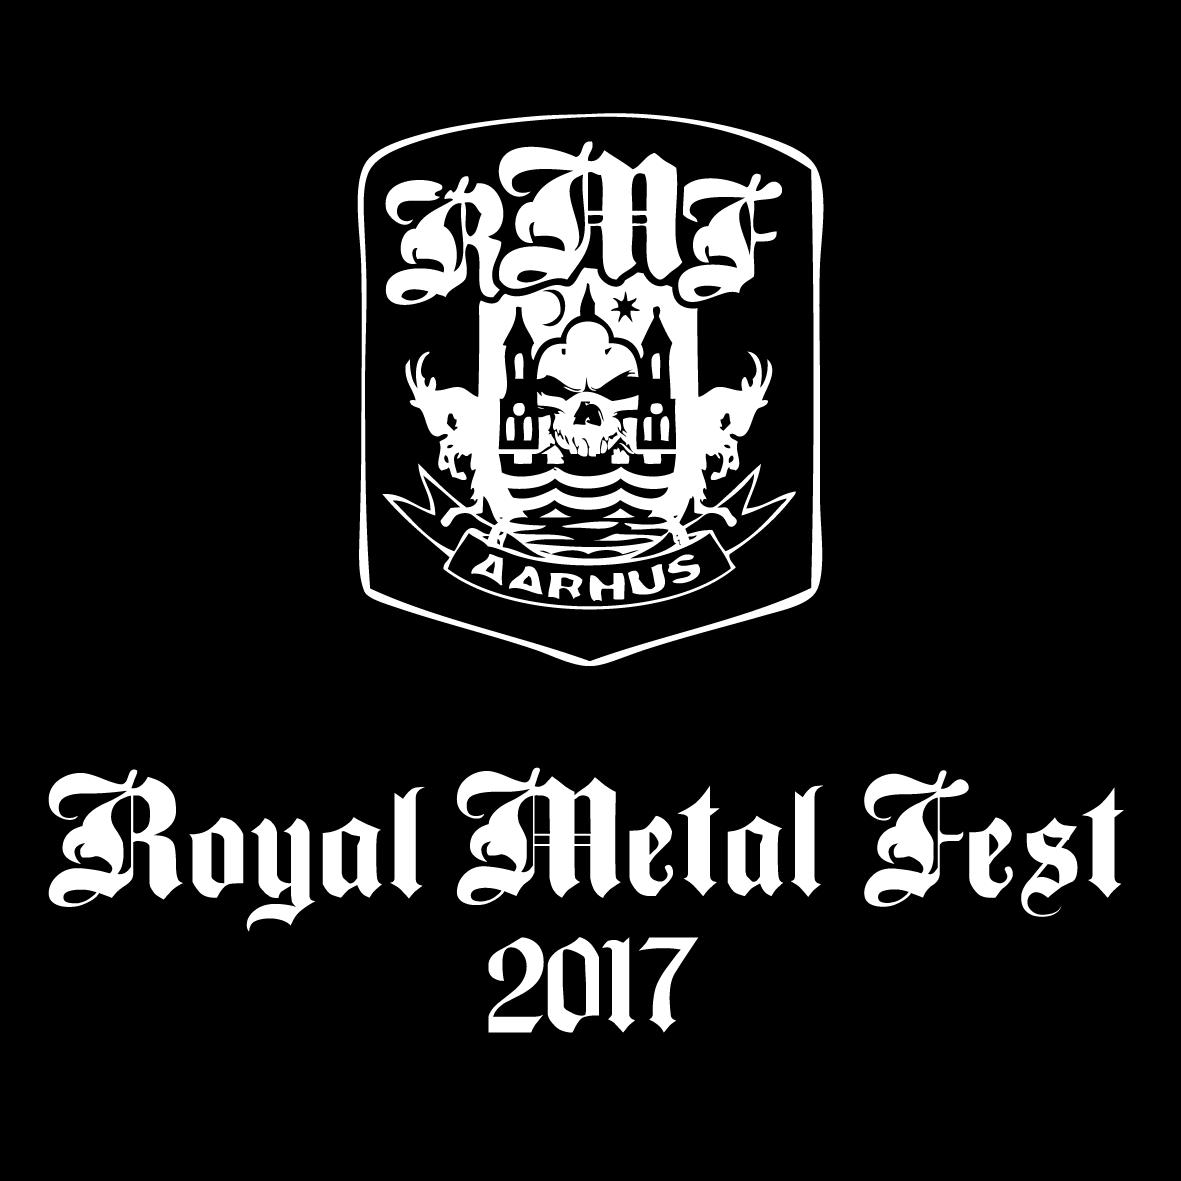 En kronologisk øjenvidneberetning fra Royal Metal Fest 2017, del 1